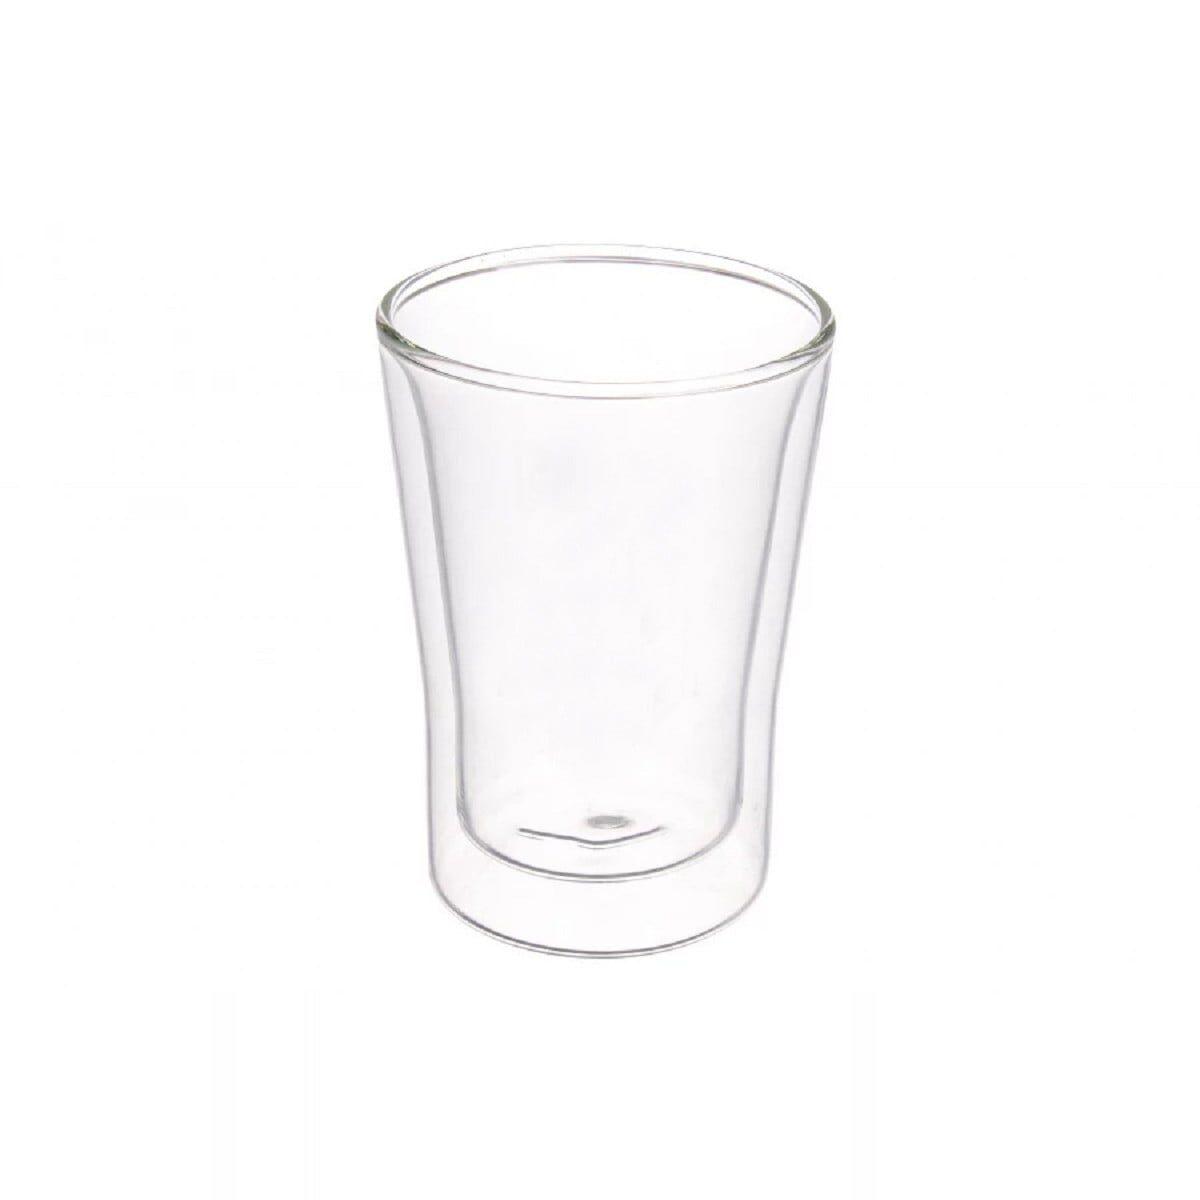 Стакан скляний з подвійним дном, 350 мл.